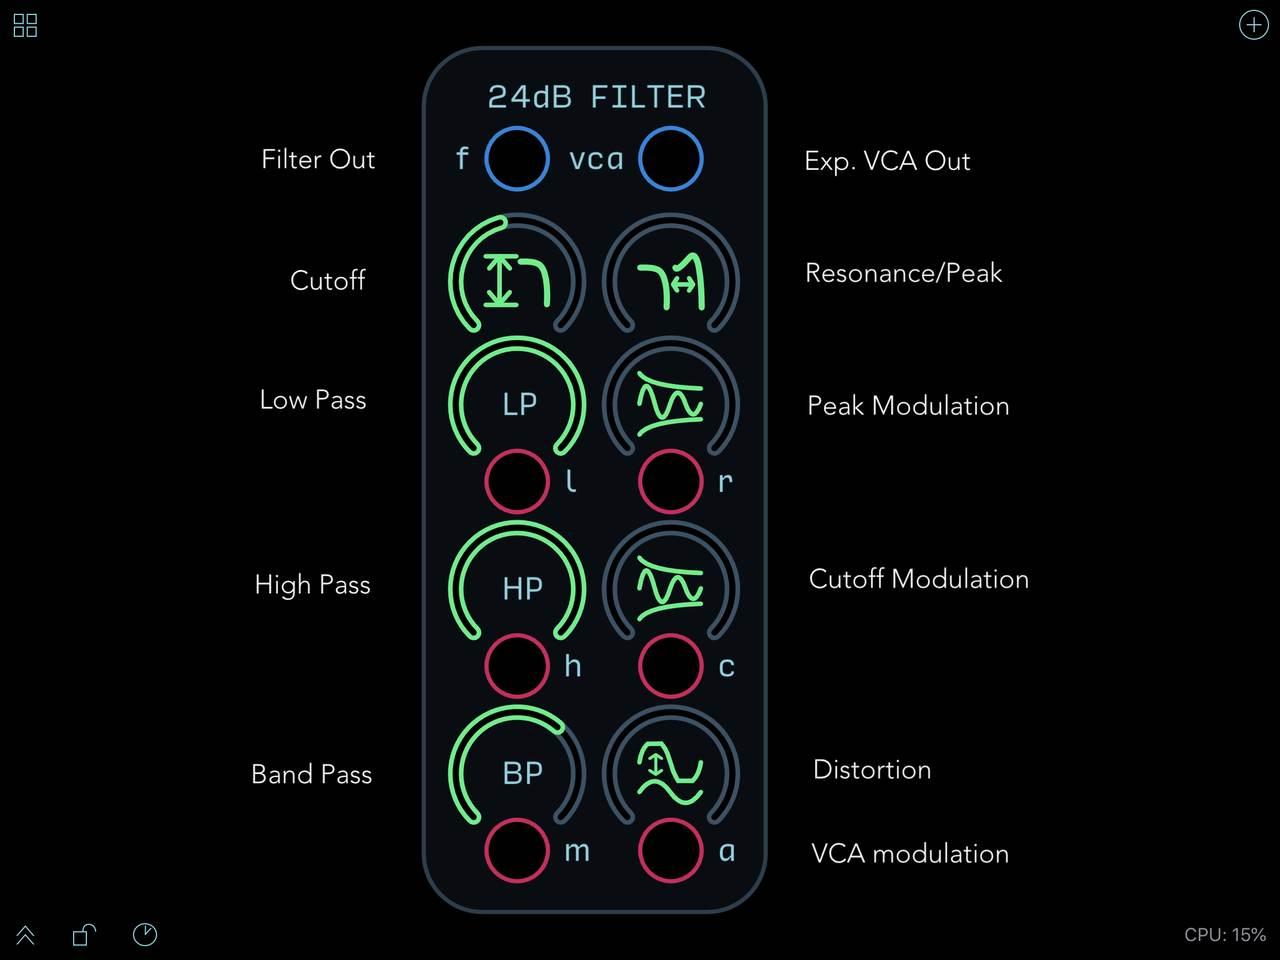 24dB-filter